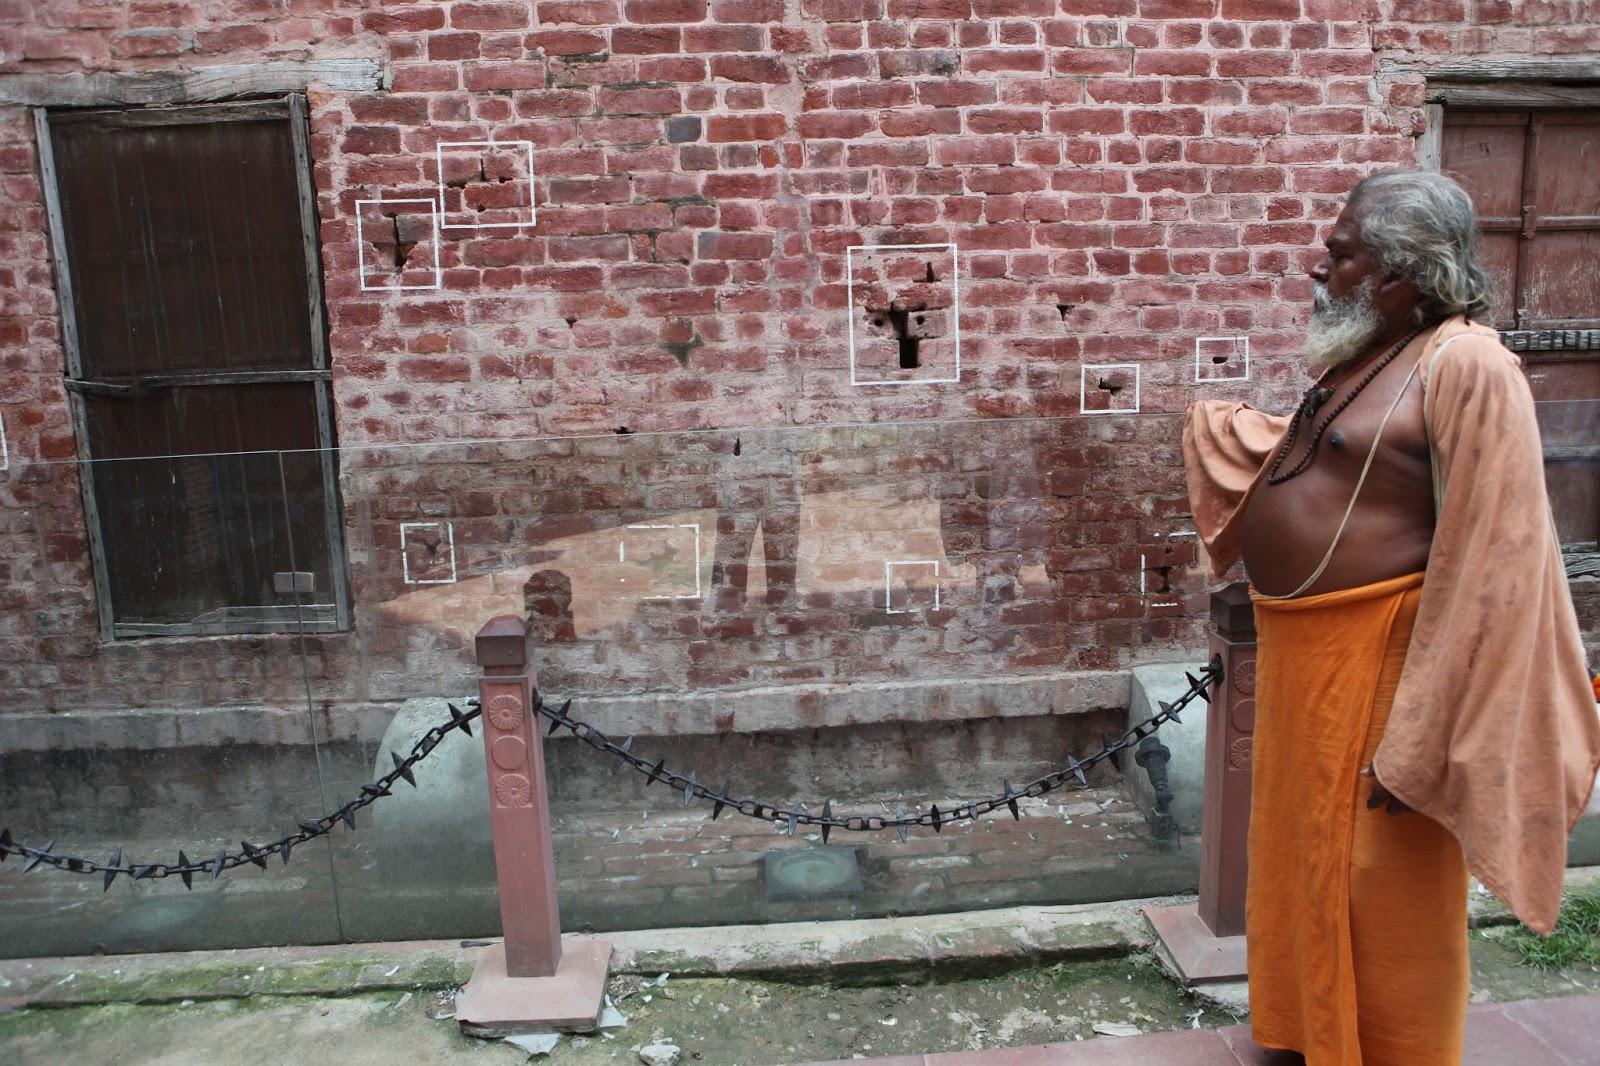 Un viaje a India y Nepal: agosto 2013